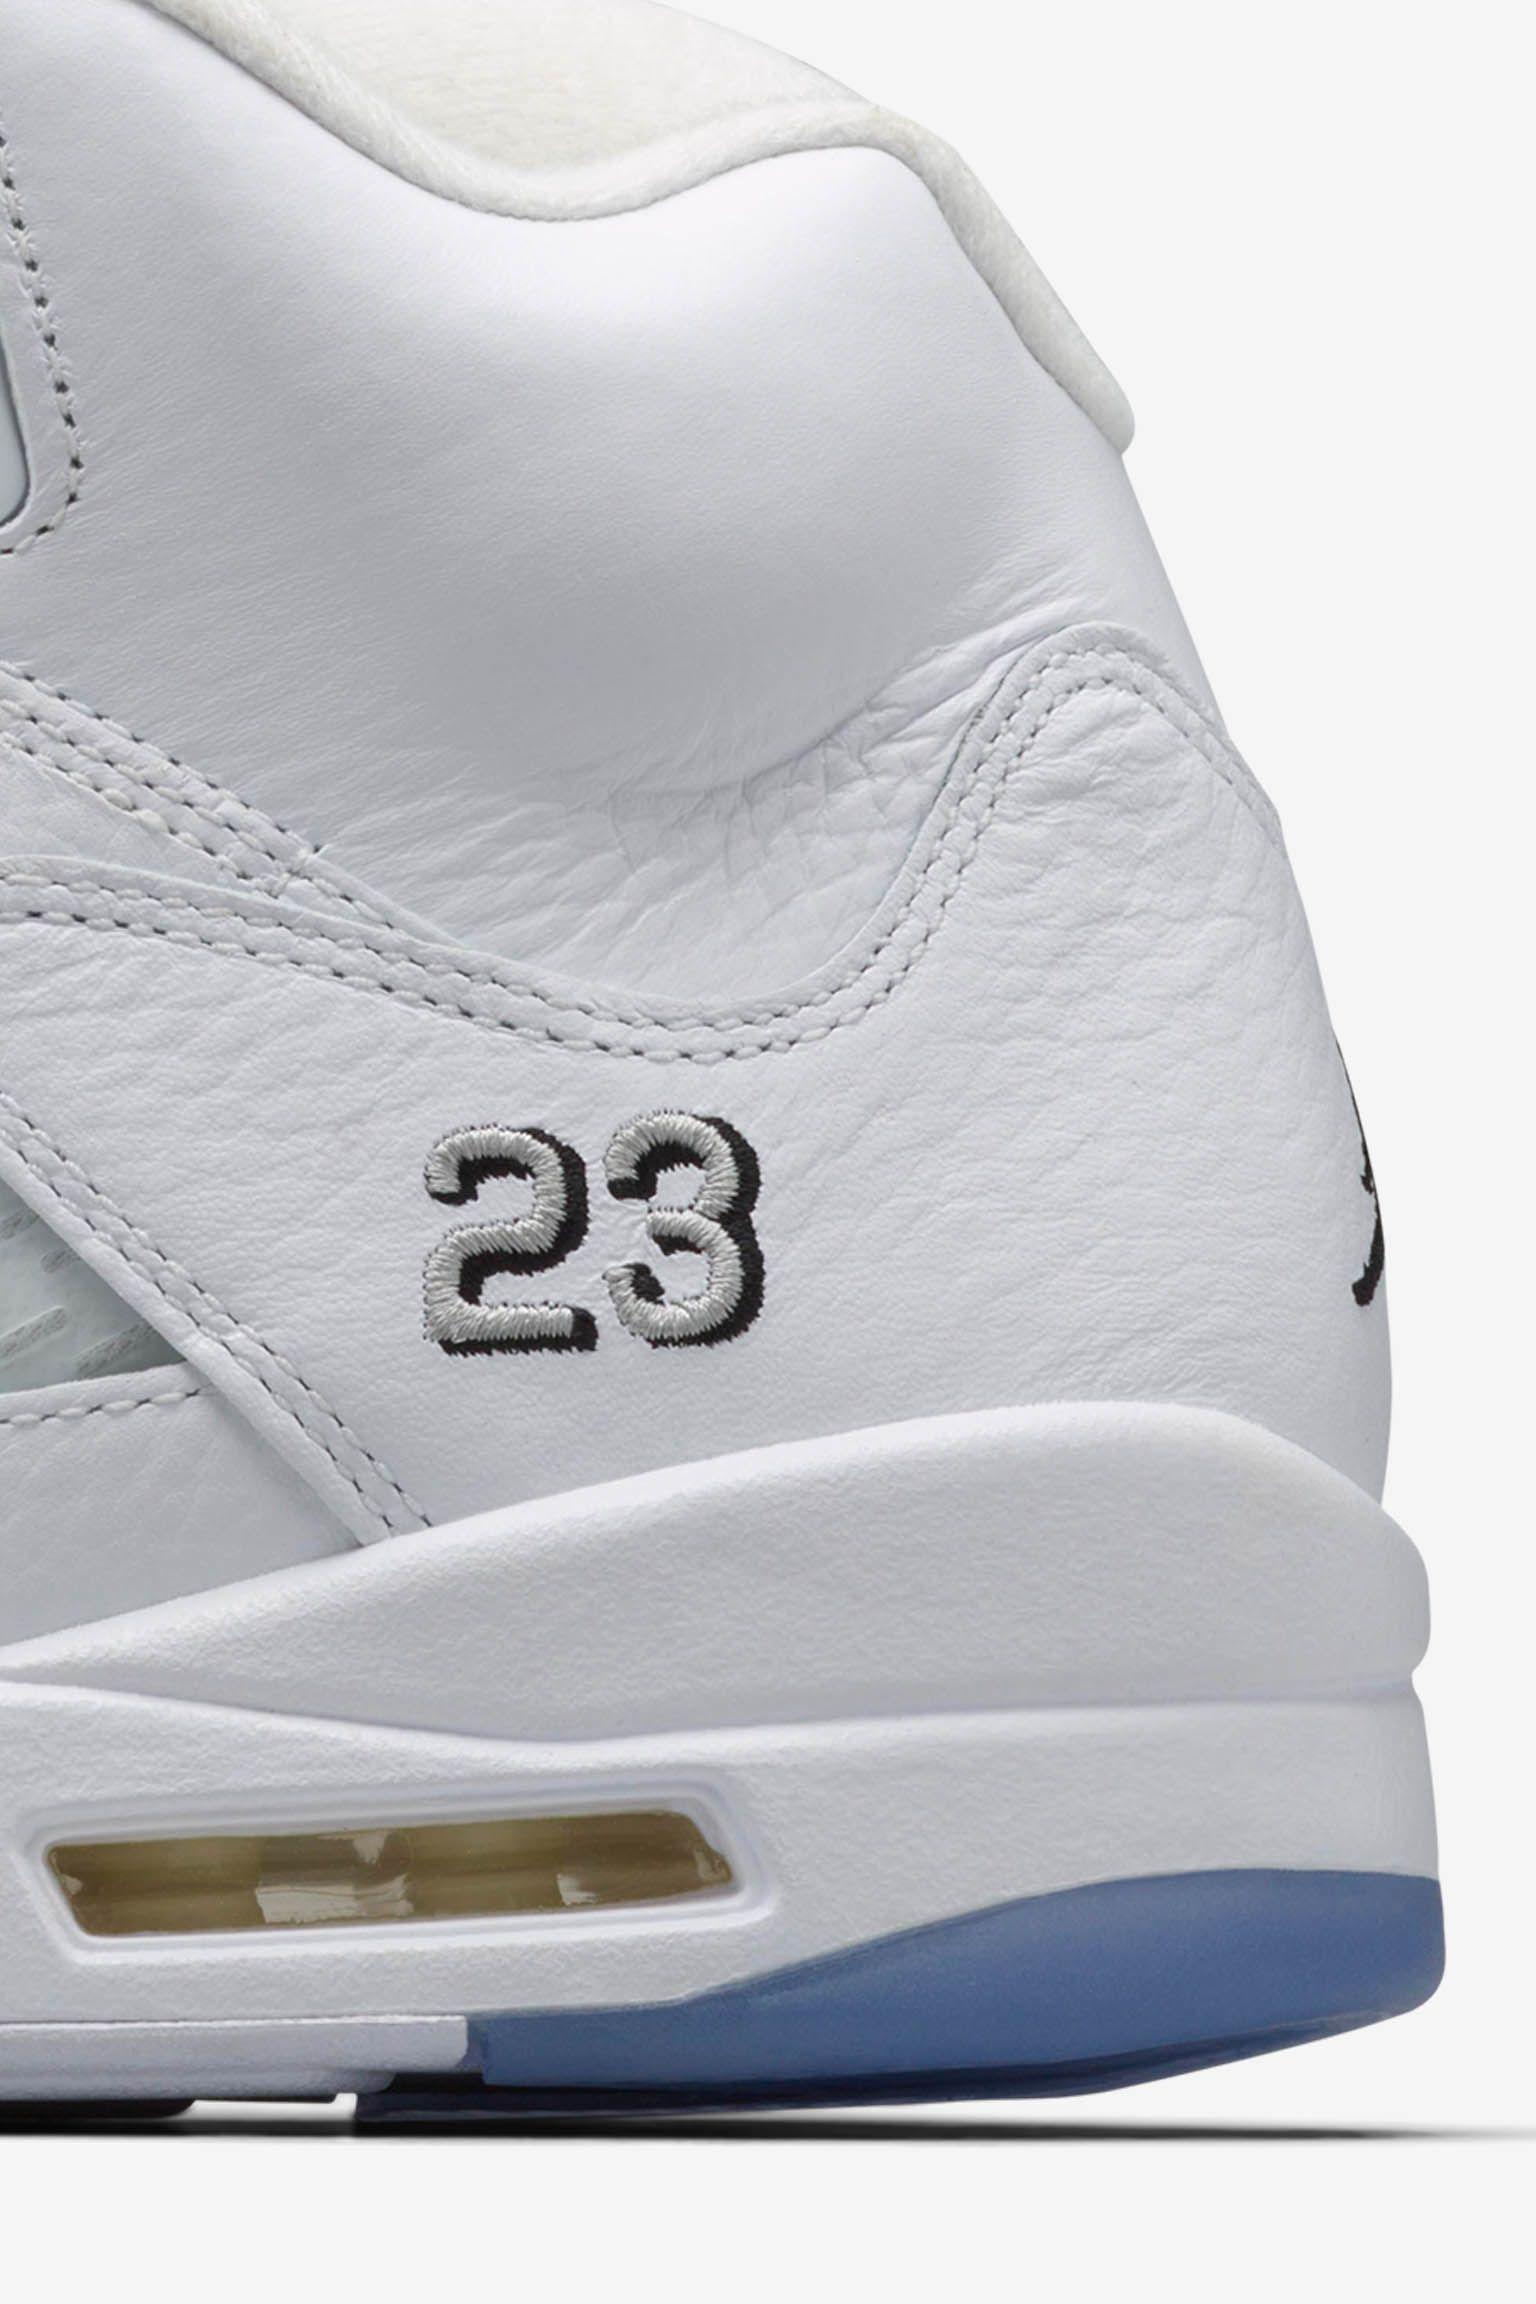 Air Jordan 5 Retro 'Metallic Silver' Release Date